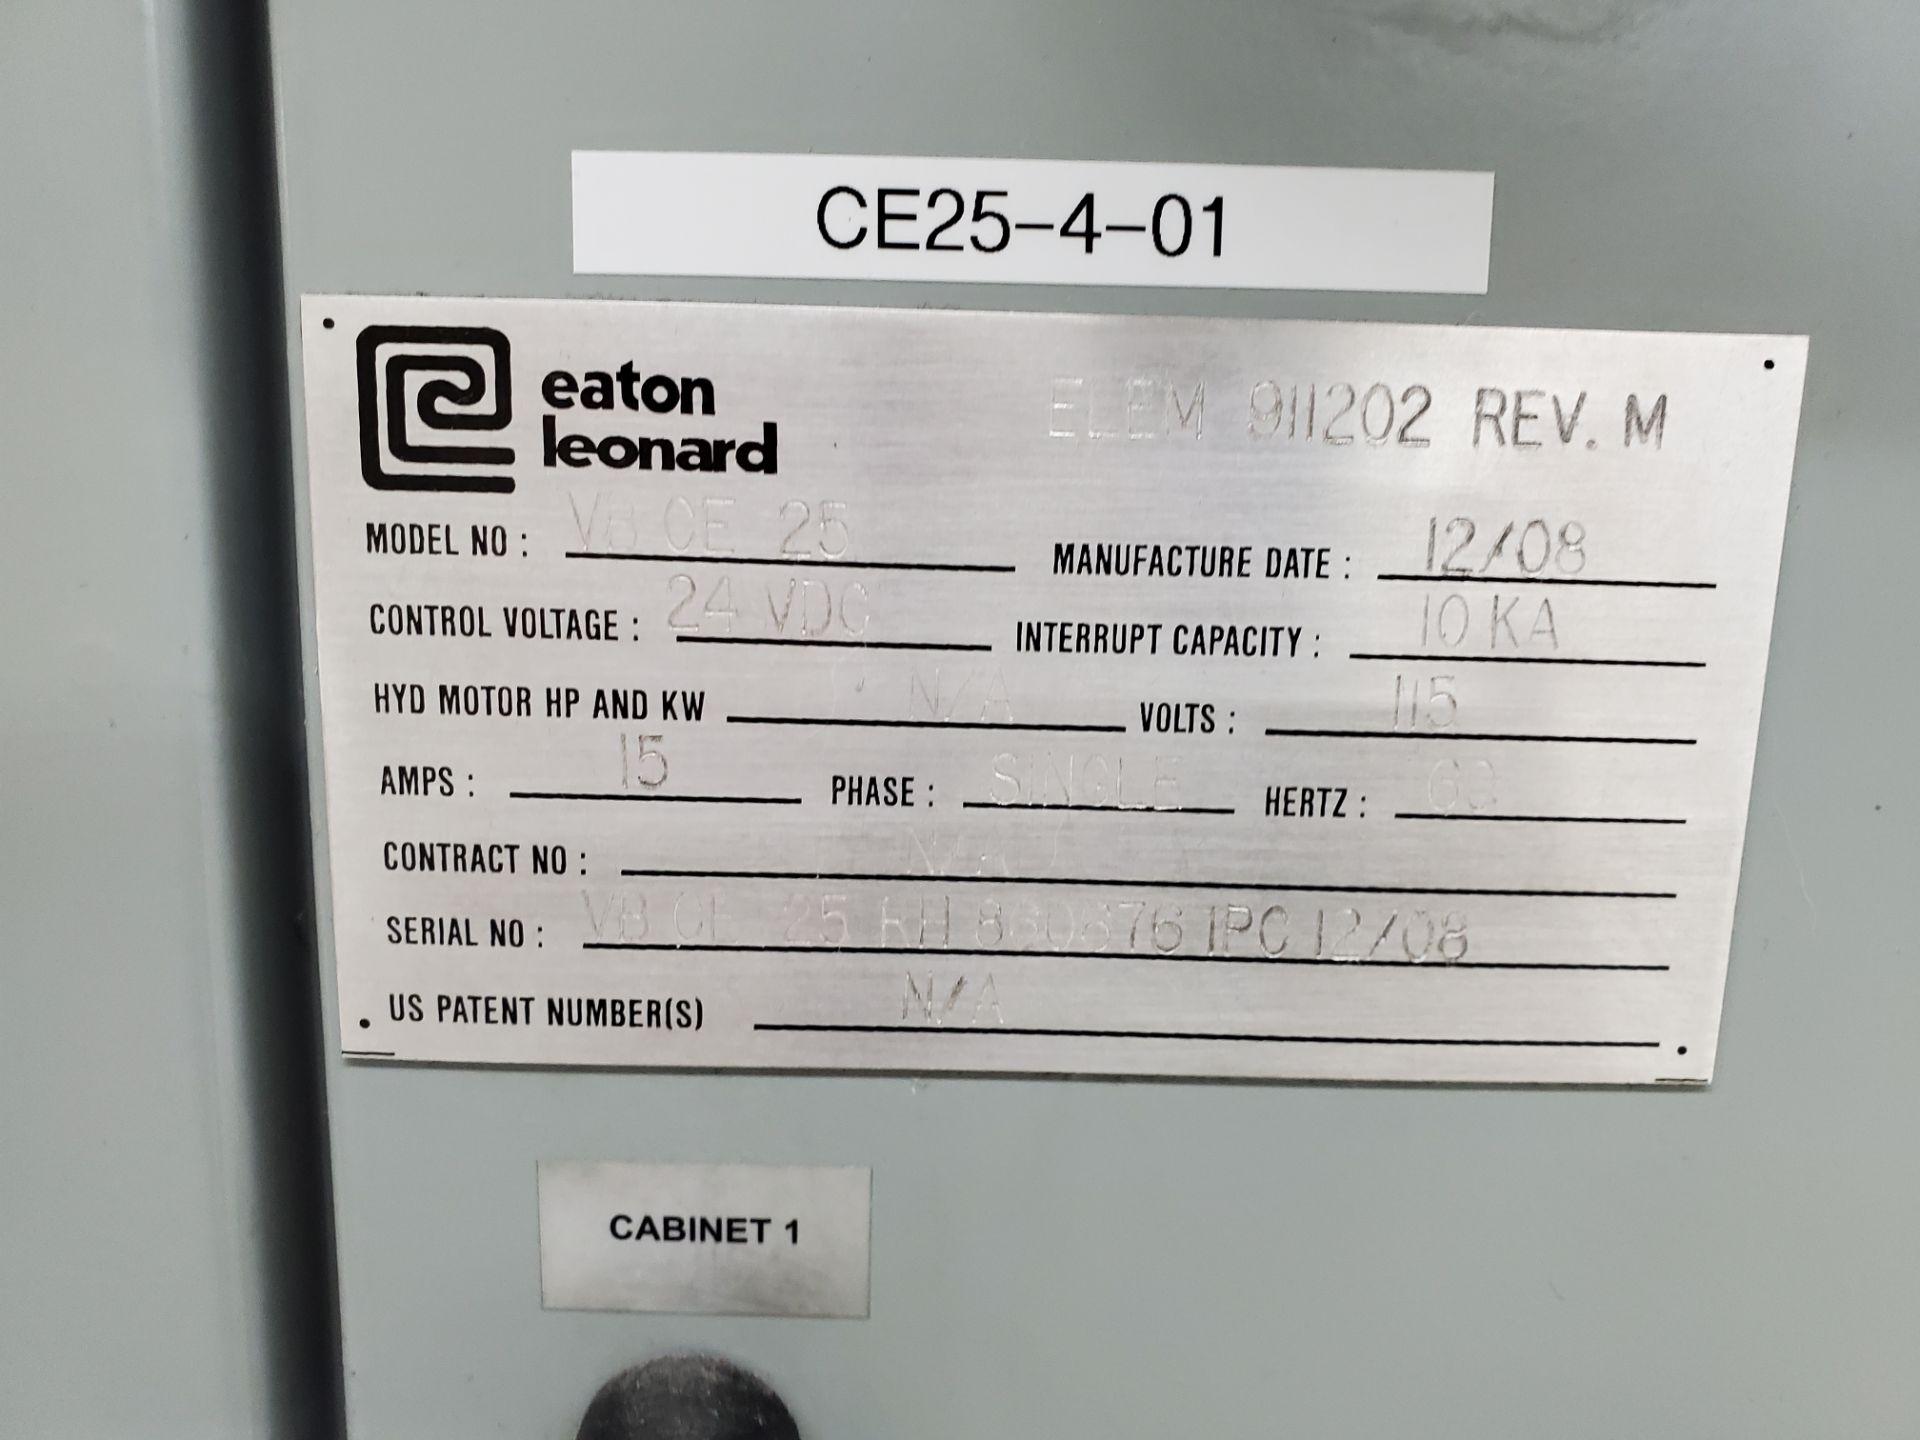 CNC Eaton Leonard Tube Bender Model VBCE25, S/N 25RH 8606761PC12/08, New 2008 - Image 4 of 18